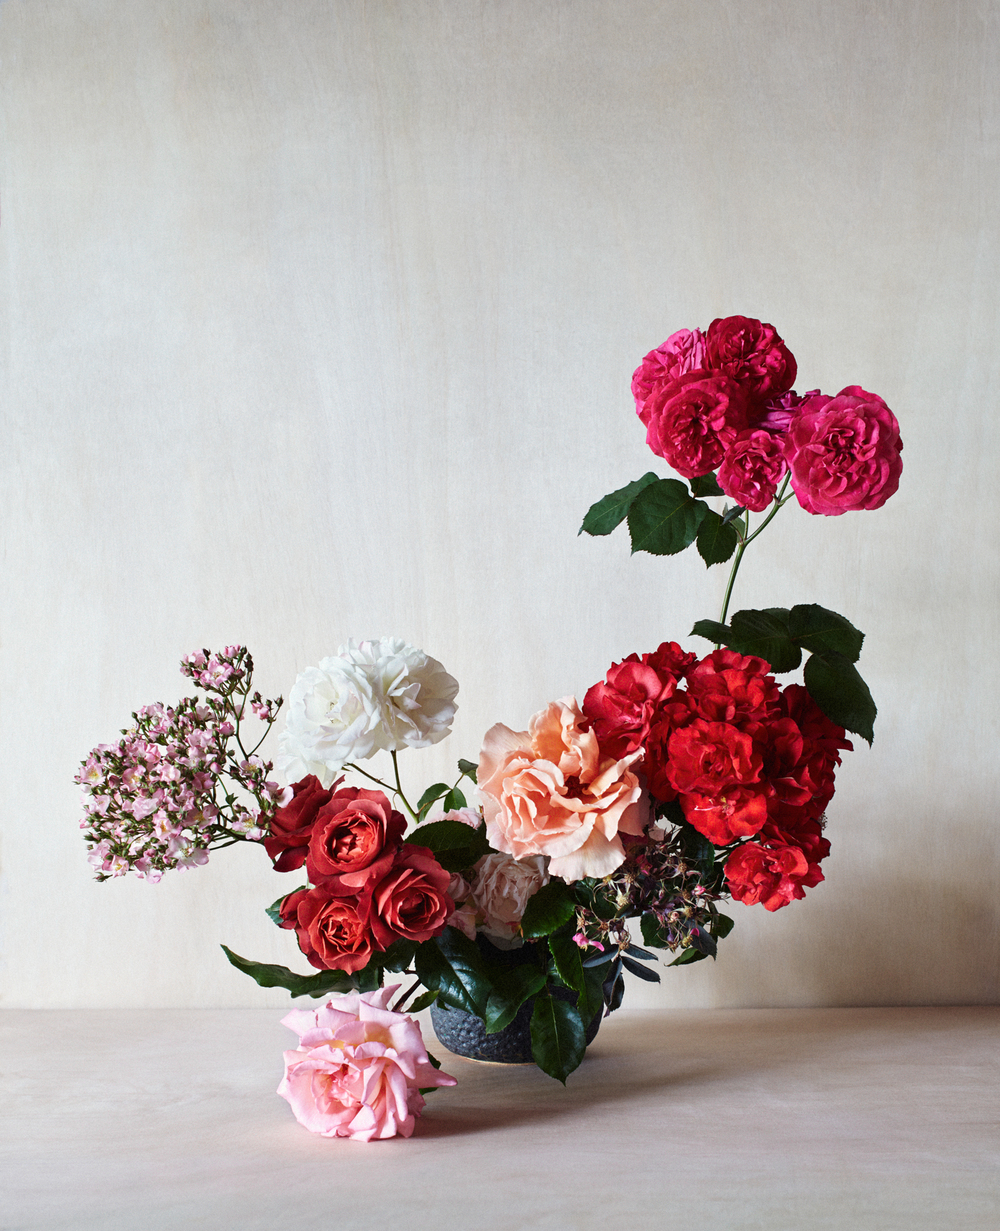 2015_06_24_Le_Monde_Flower_Arrangements17001_web.jpg